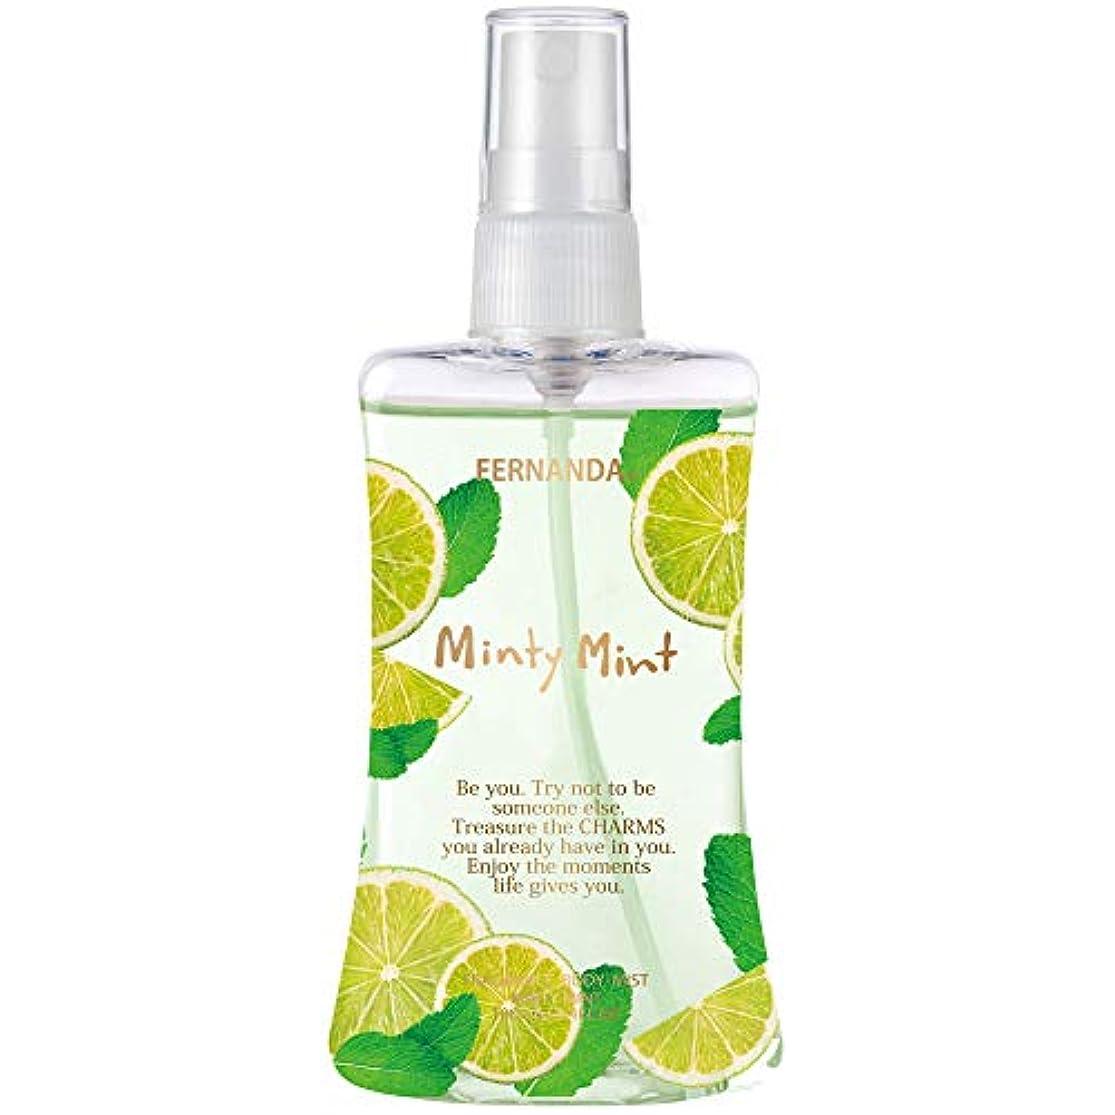 浮く混乱欠点FERNANDA(フェルナンダ) Body Mist Minty Mint (ボディミスト ミンティミント)